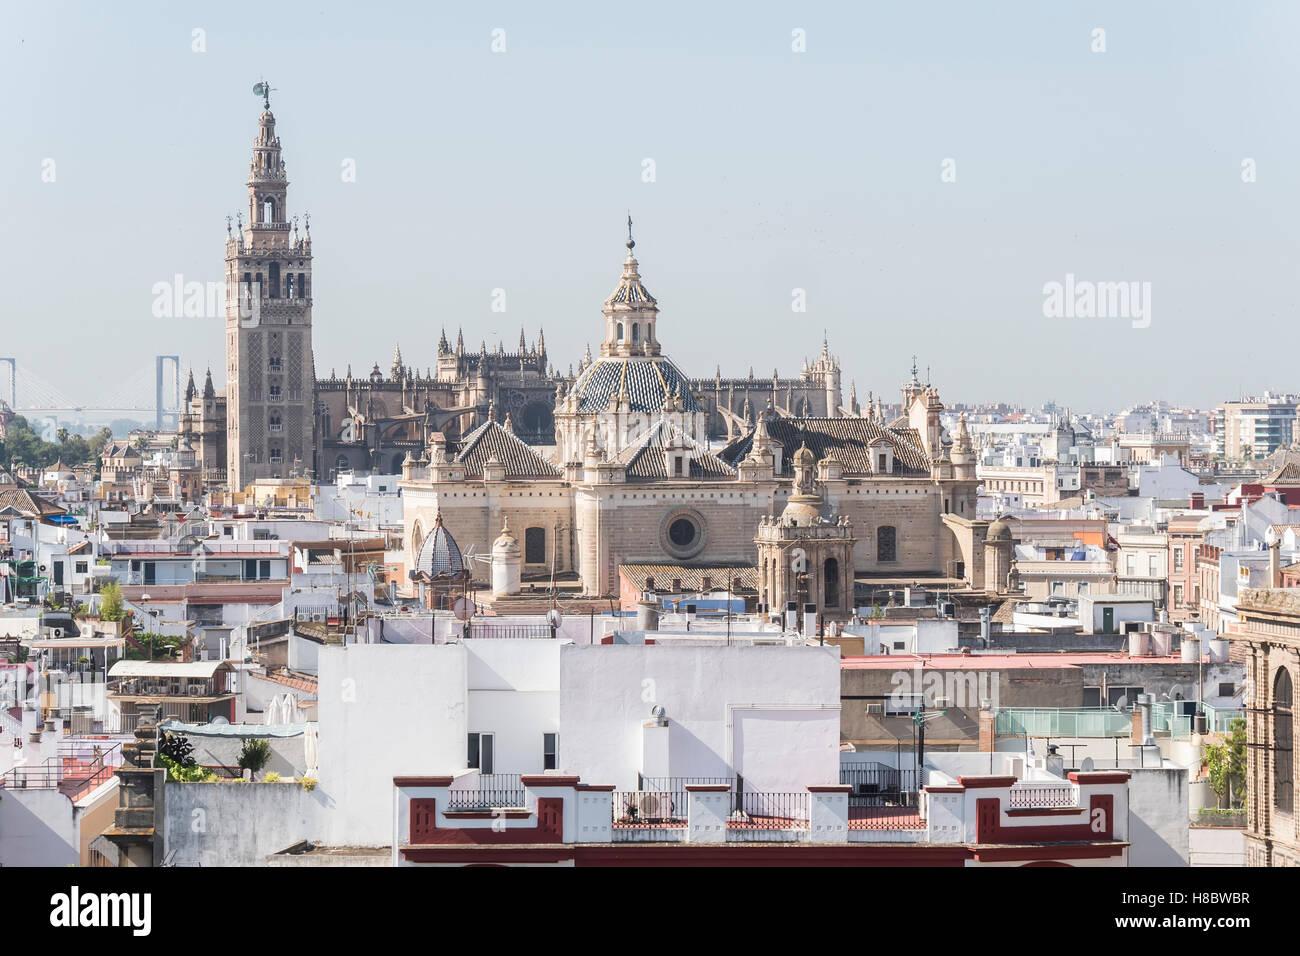 Iglesia colegial del Divino Salvador, la Catedral de Sevilla y la Giralda, Sevilla, España. Iglesia colegial Imagen De Stock